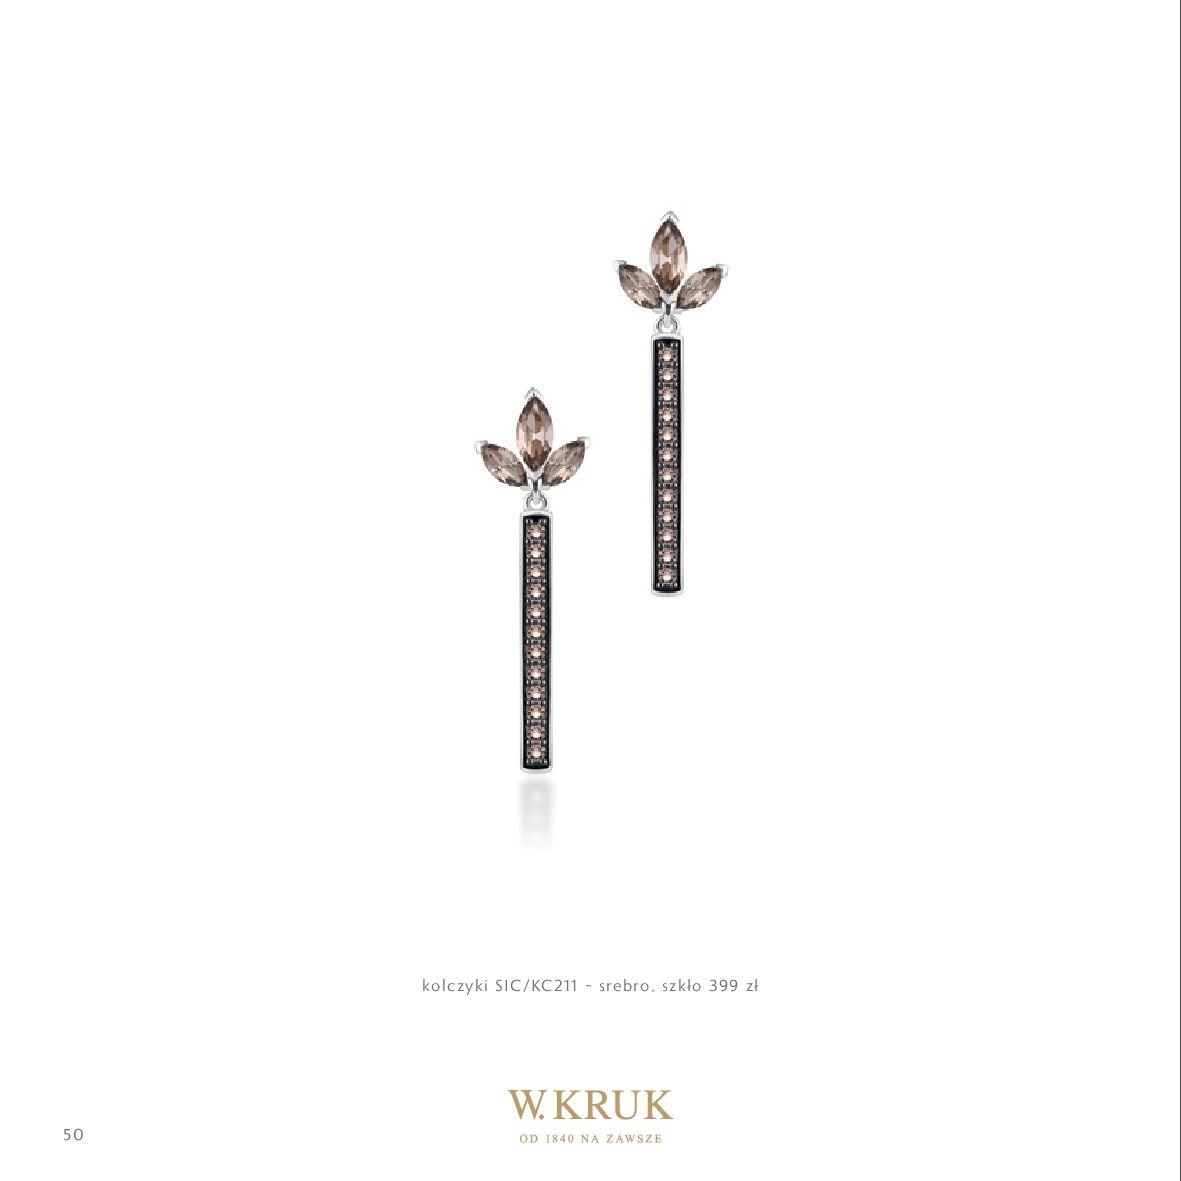 Gazetka W. KRUK: Katalog - Kolekcja Przyjaźń 2021-02-17 page-52